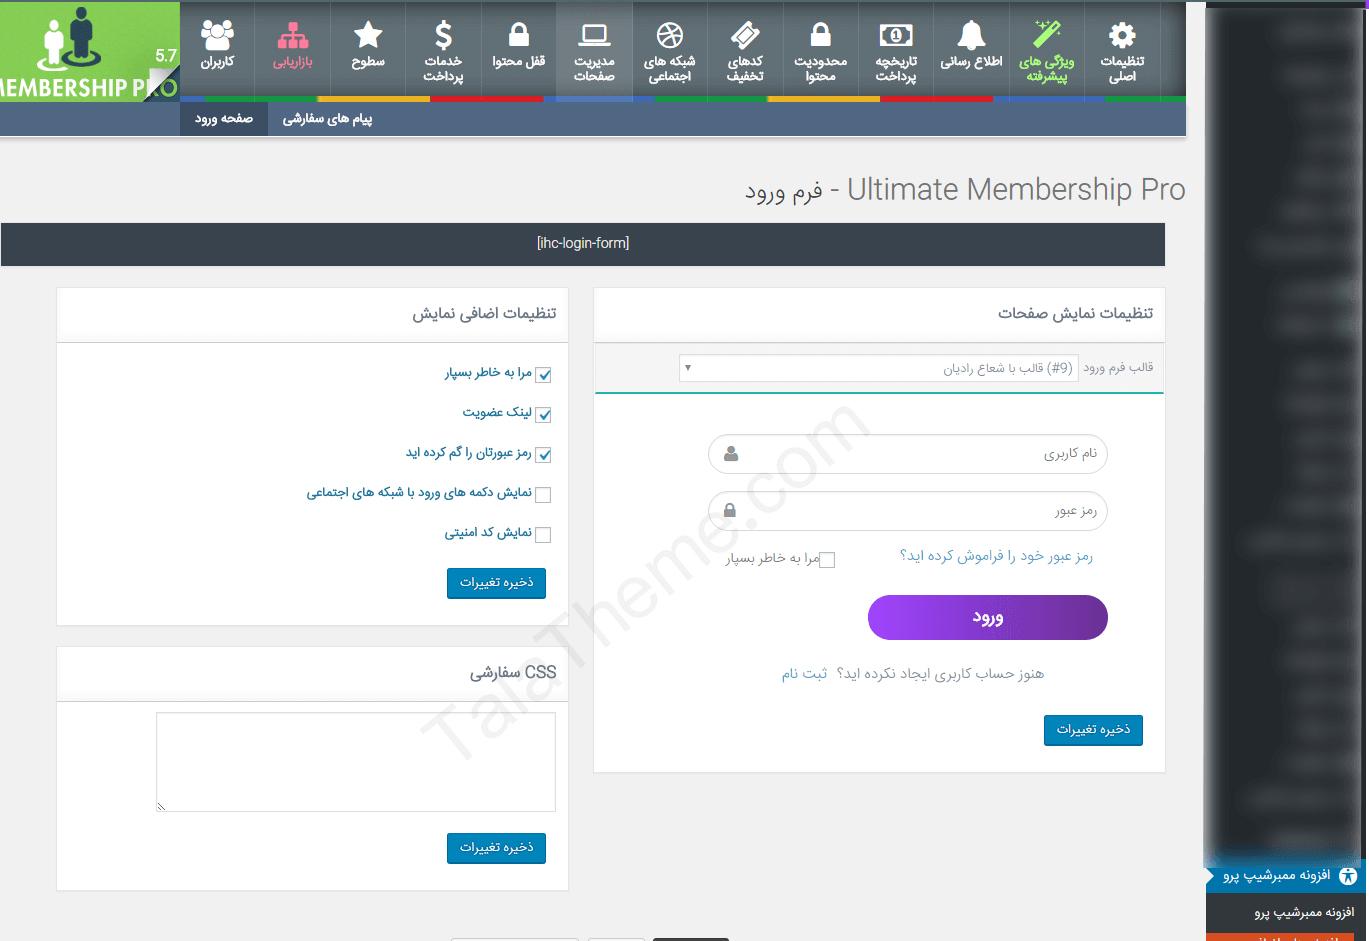 1 - افزونه پنل کاربری حرفه ای و بهترین افزونه ثبت نام وردپرس MemberShip Pro درگاه زرین پال